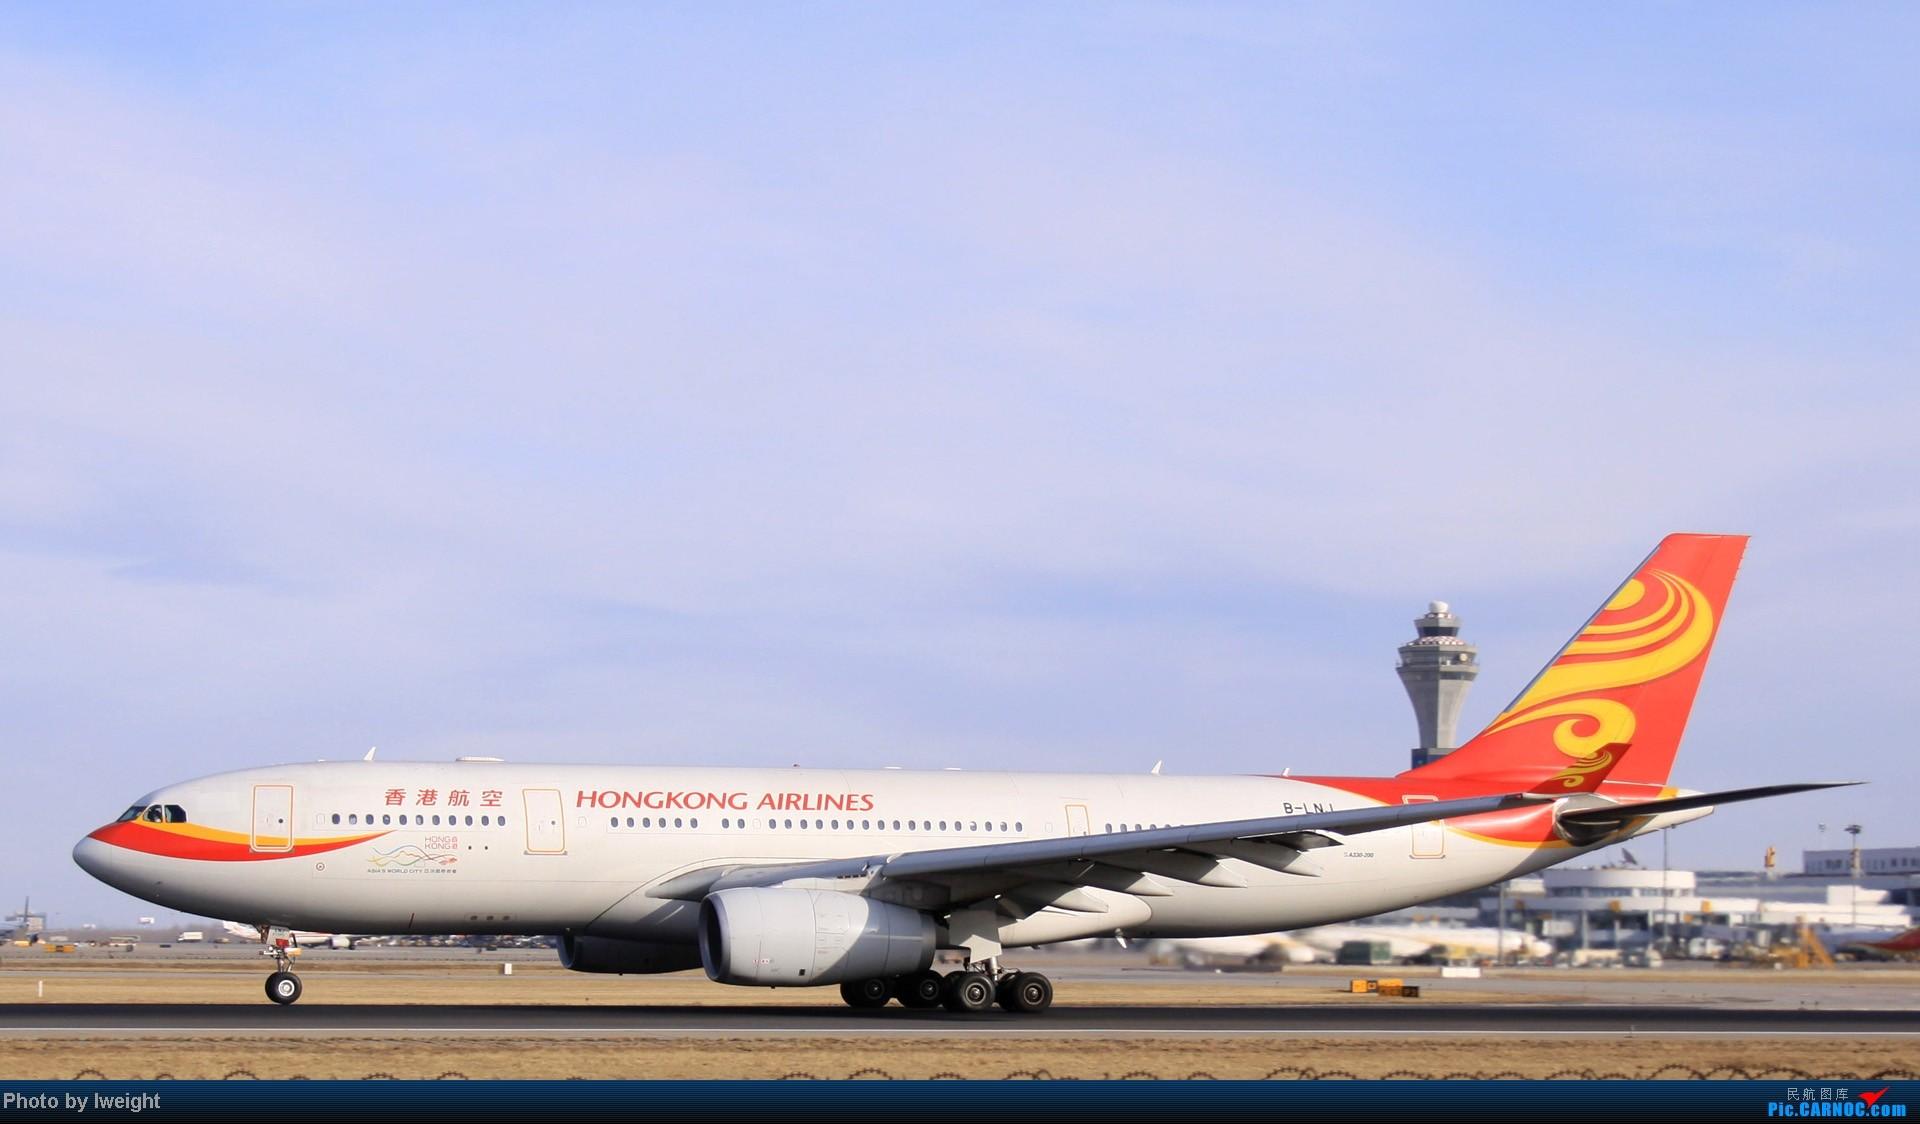 Re:[原创]今天下午瞎拍两个小时的杂图 AIRBUS A330-200 B-LNJ 中国北京首都机场